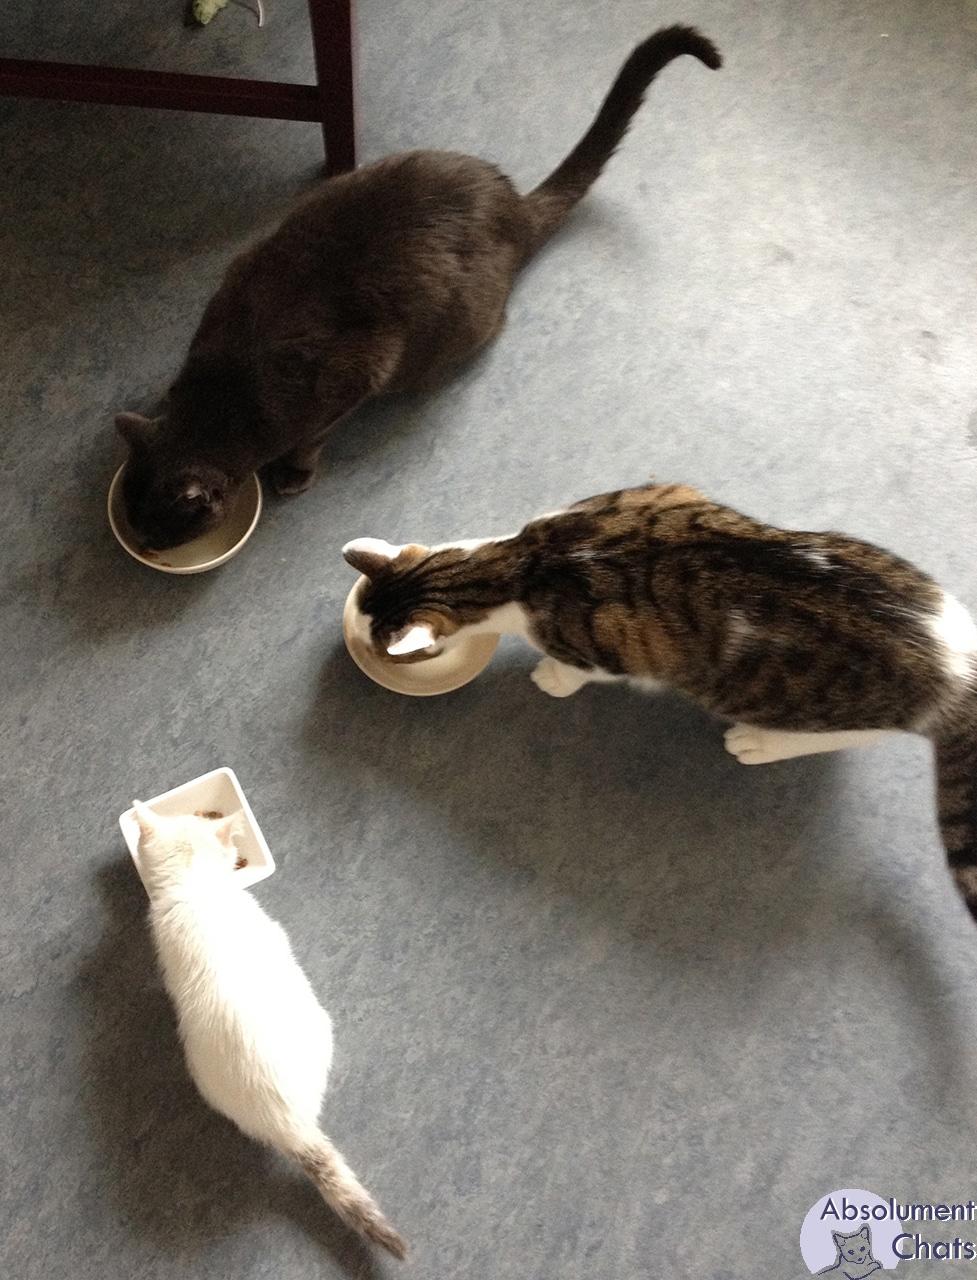 rencontre chiot et chat adulte cite de plan cul